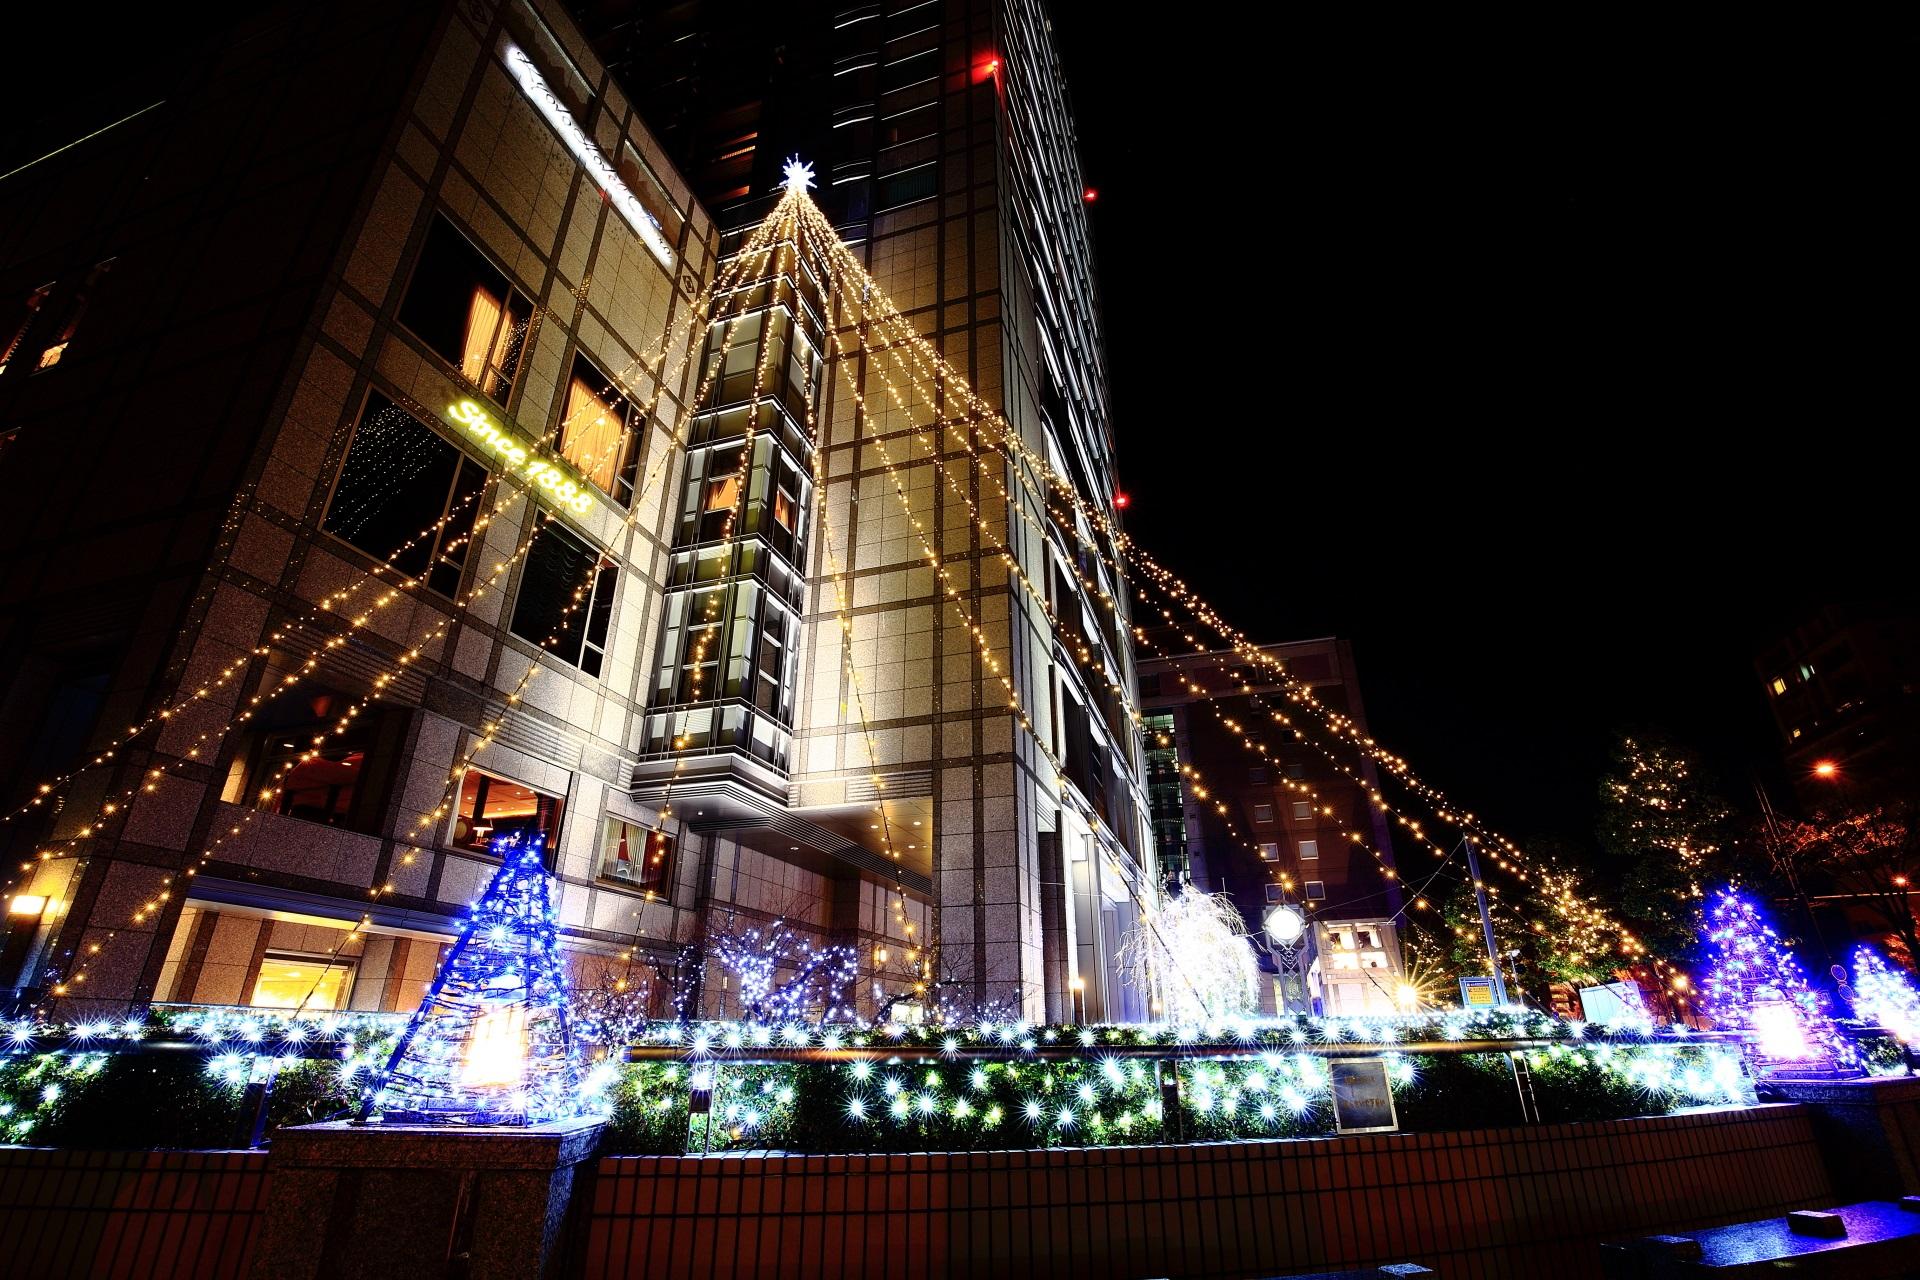 京都ホテルオークラ イルミネーション 街中に浮かび上がる幻想的な光